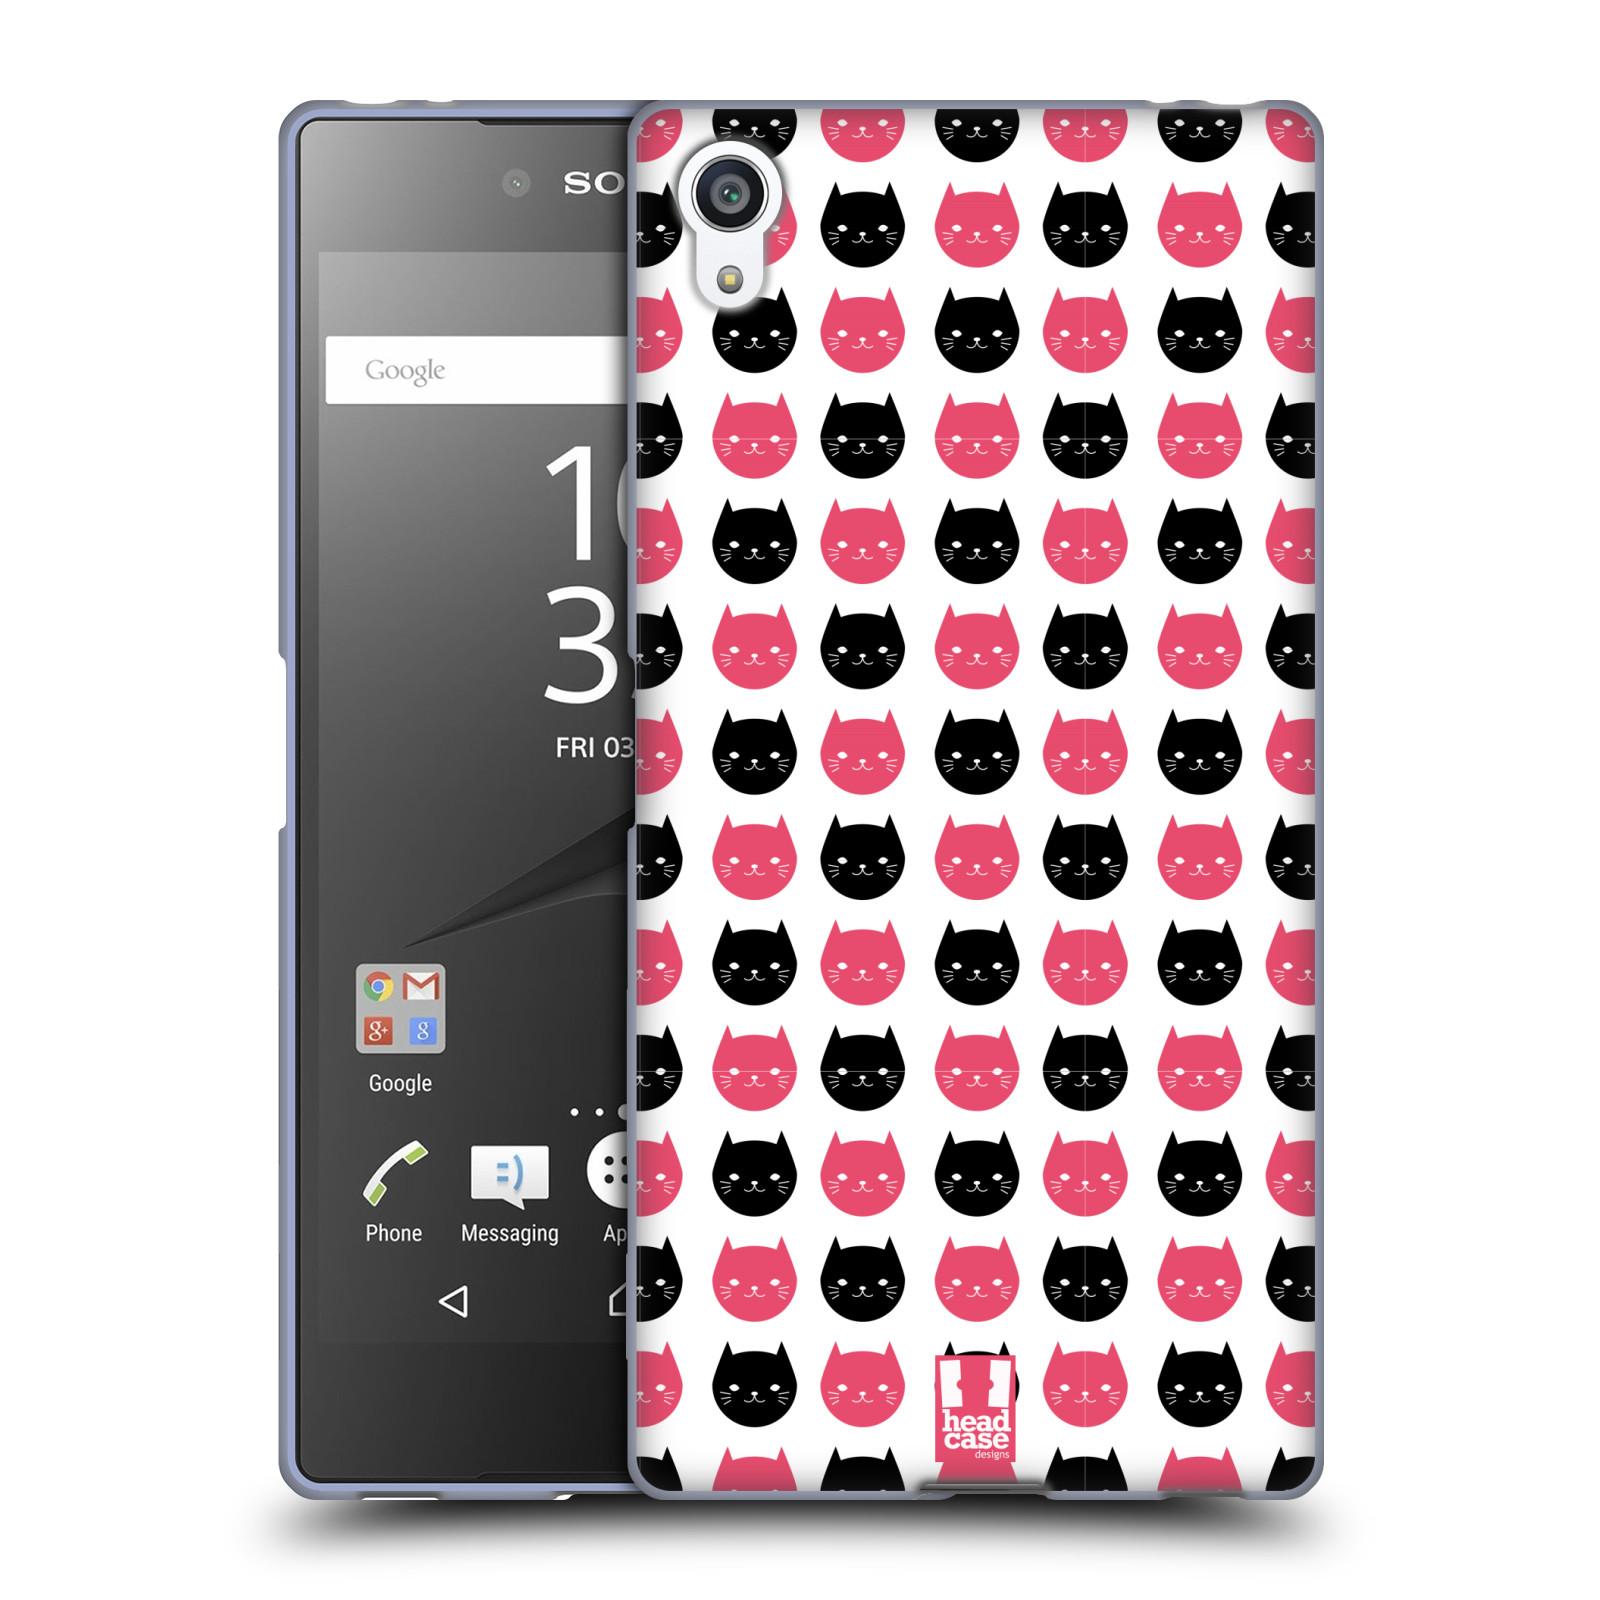 Silikonové pouzdro na mobil Sony Xperia Z5 Premium HEAD CASE KOČKY Black and Pink